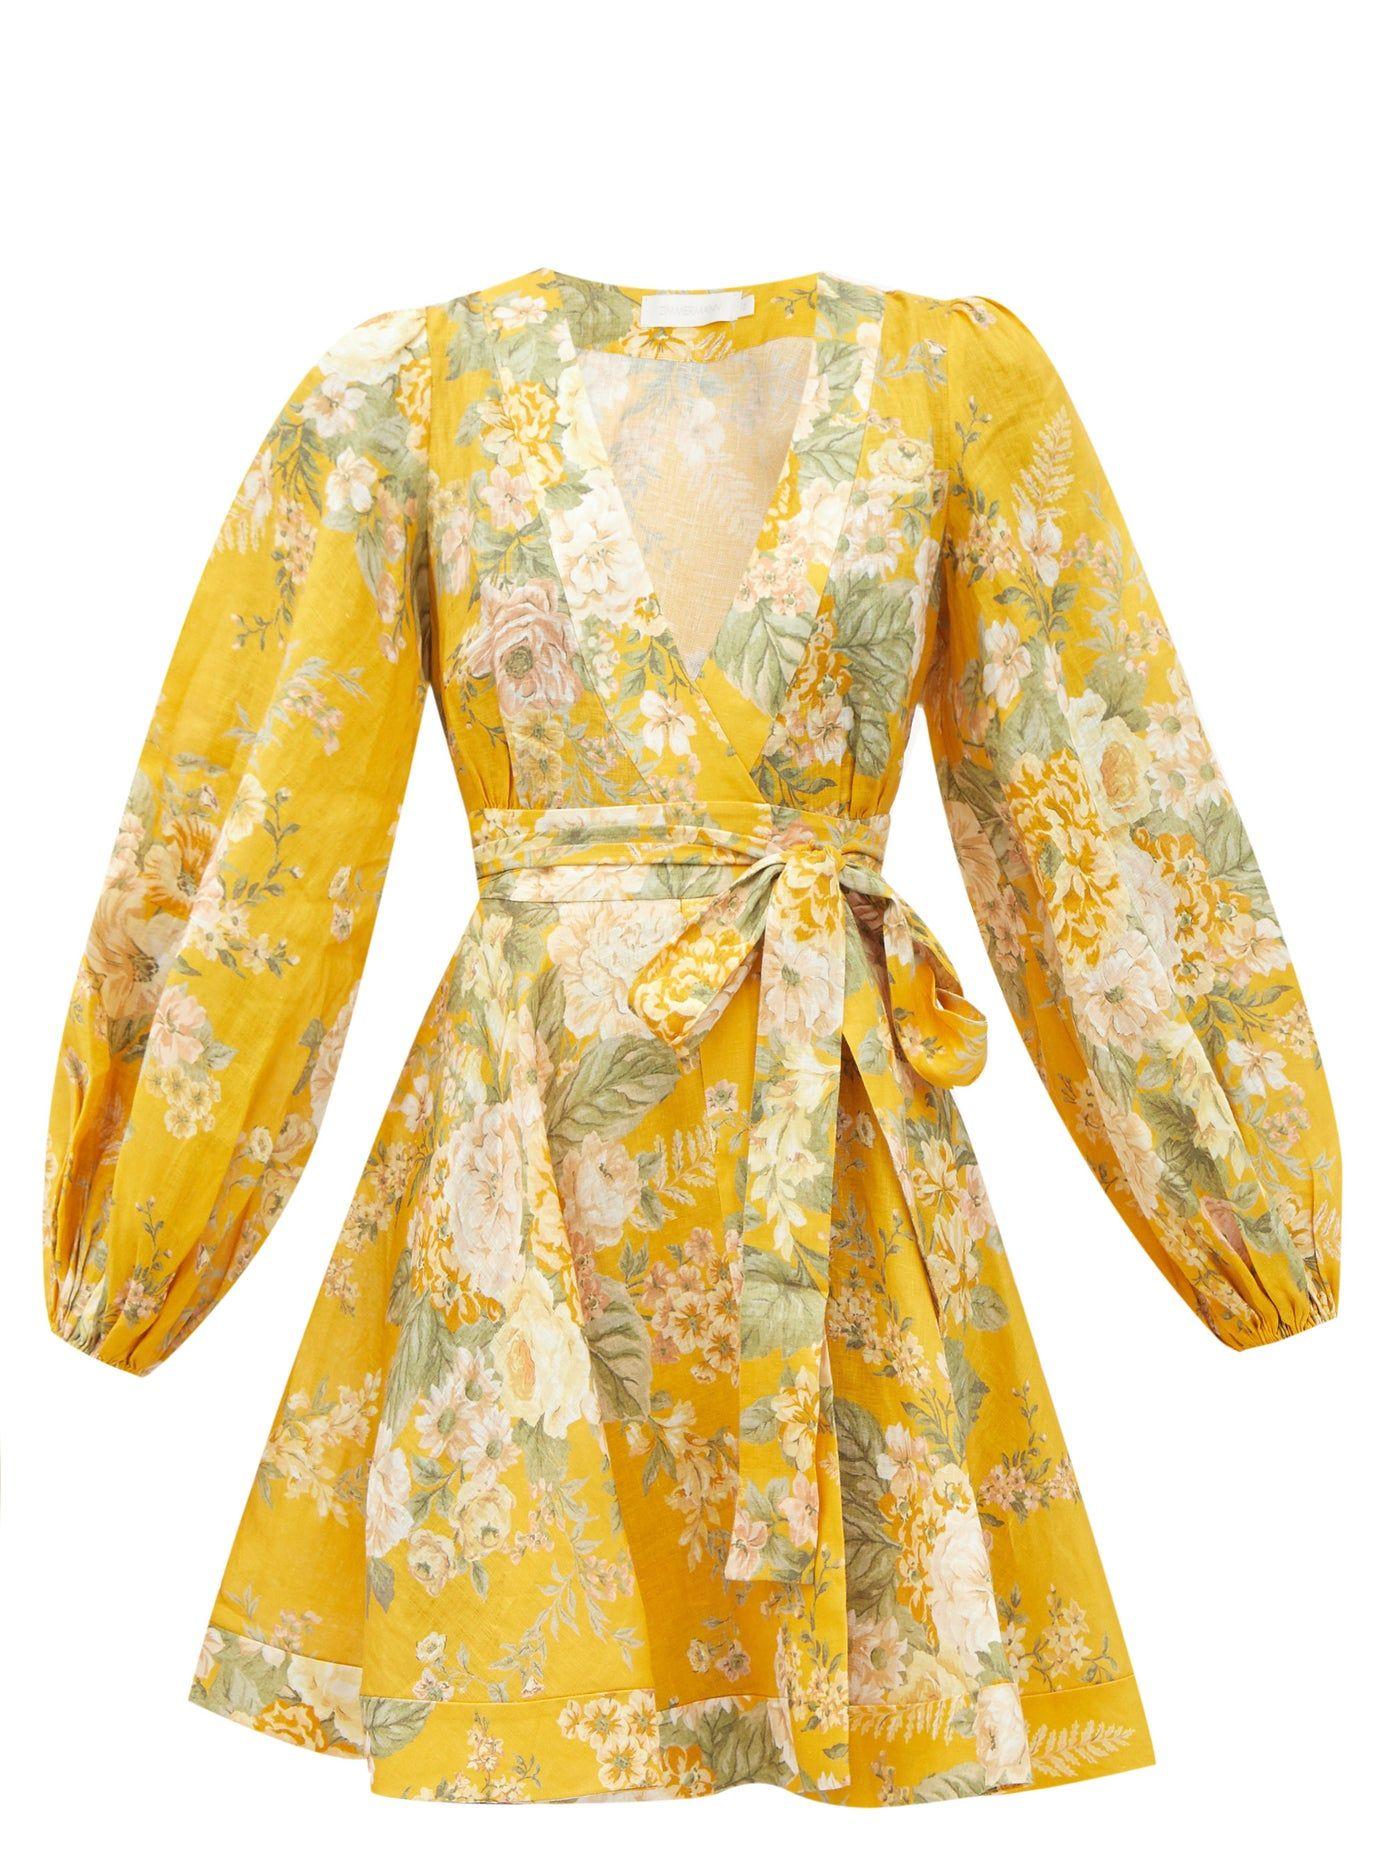 Amelie Floral Print Linen Sun Dress Zimmermann Matchesfashion Uk In 2020 Linen Sundress Printed Linen Dresses